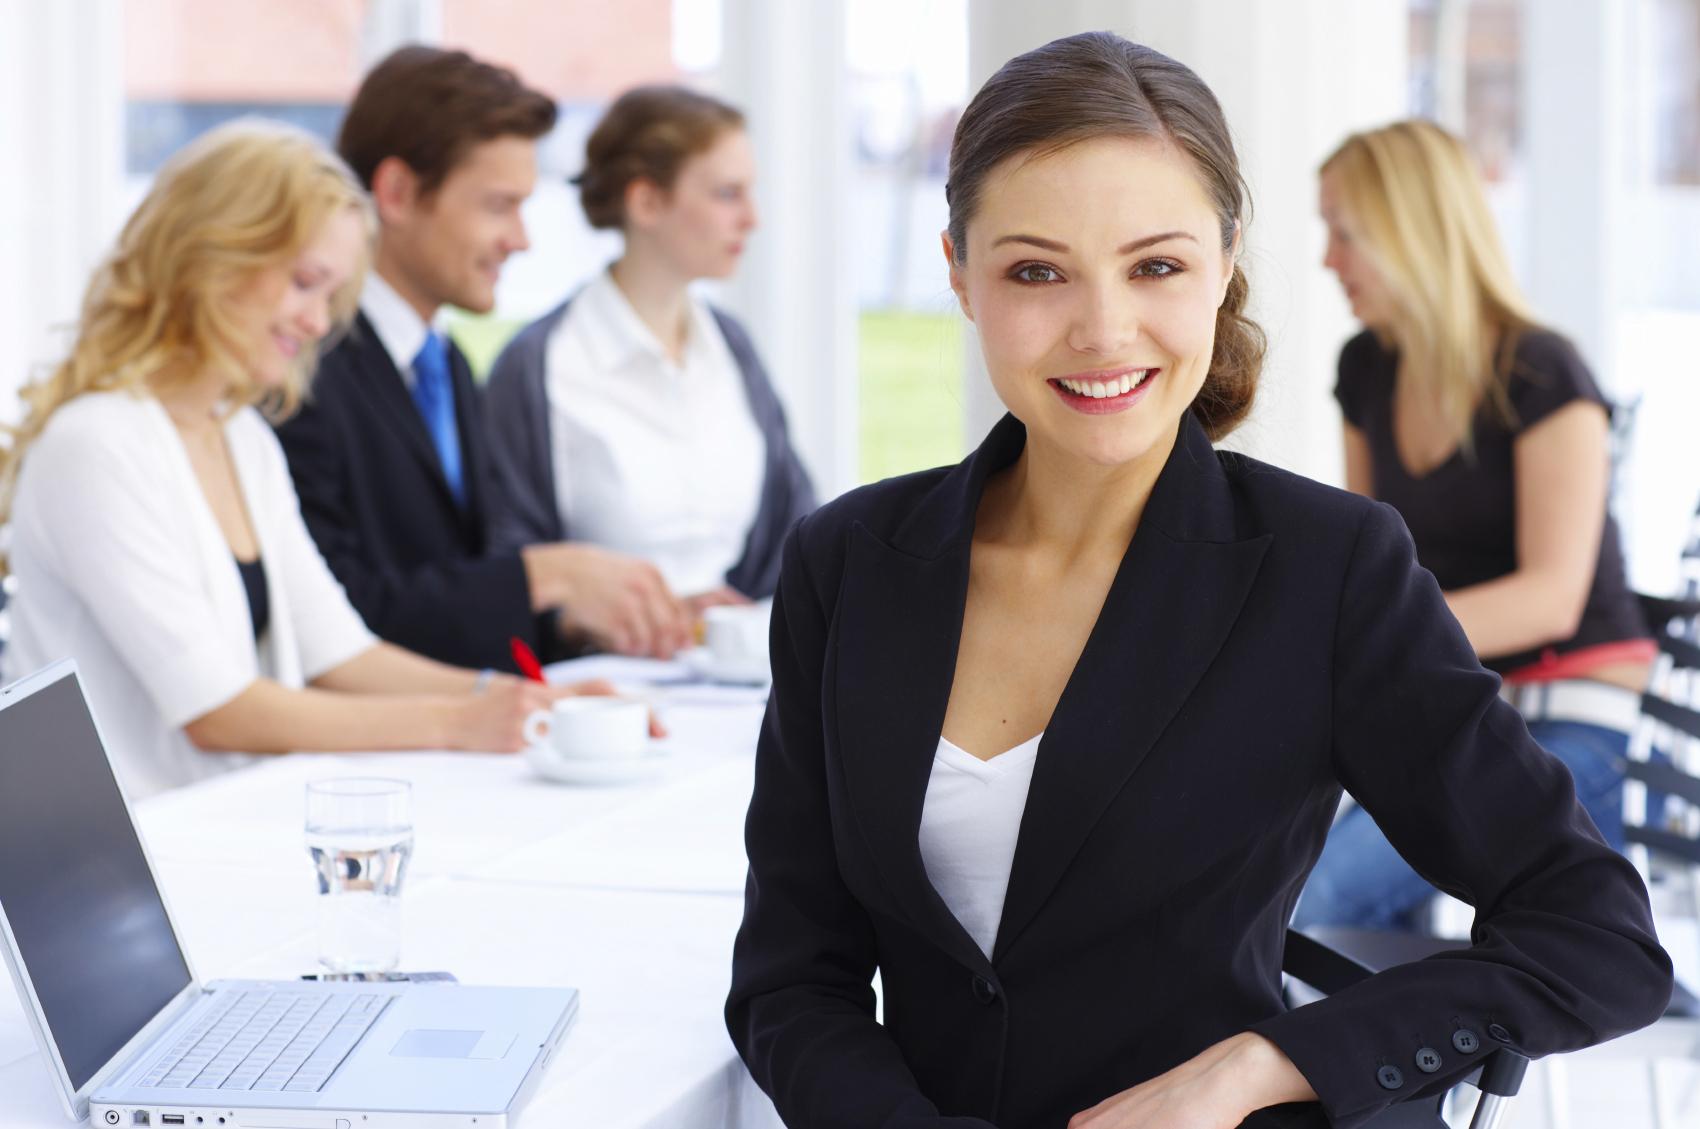 Il 2014, l'anno delle donne imprenditrici secondo Forbes